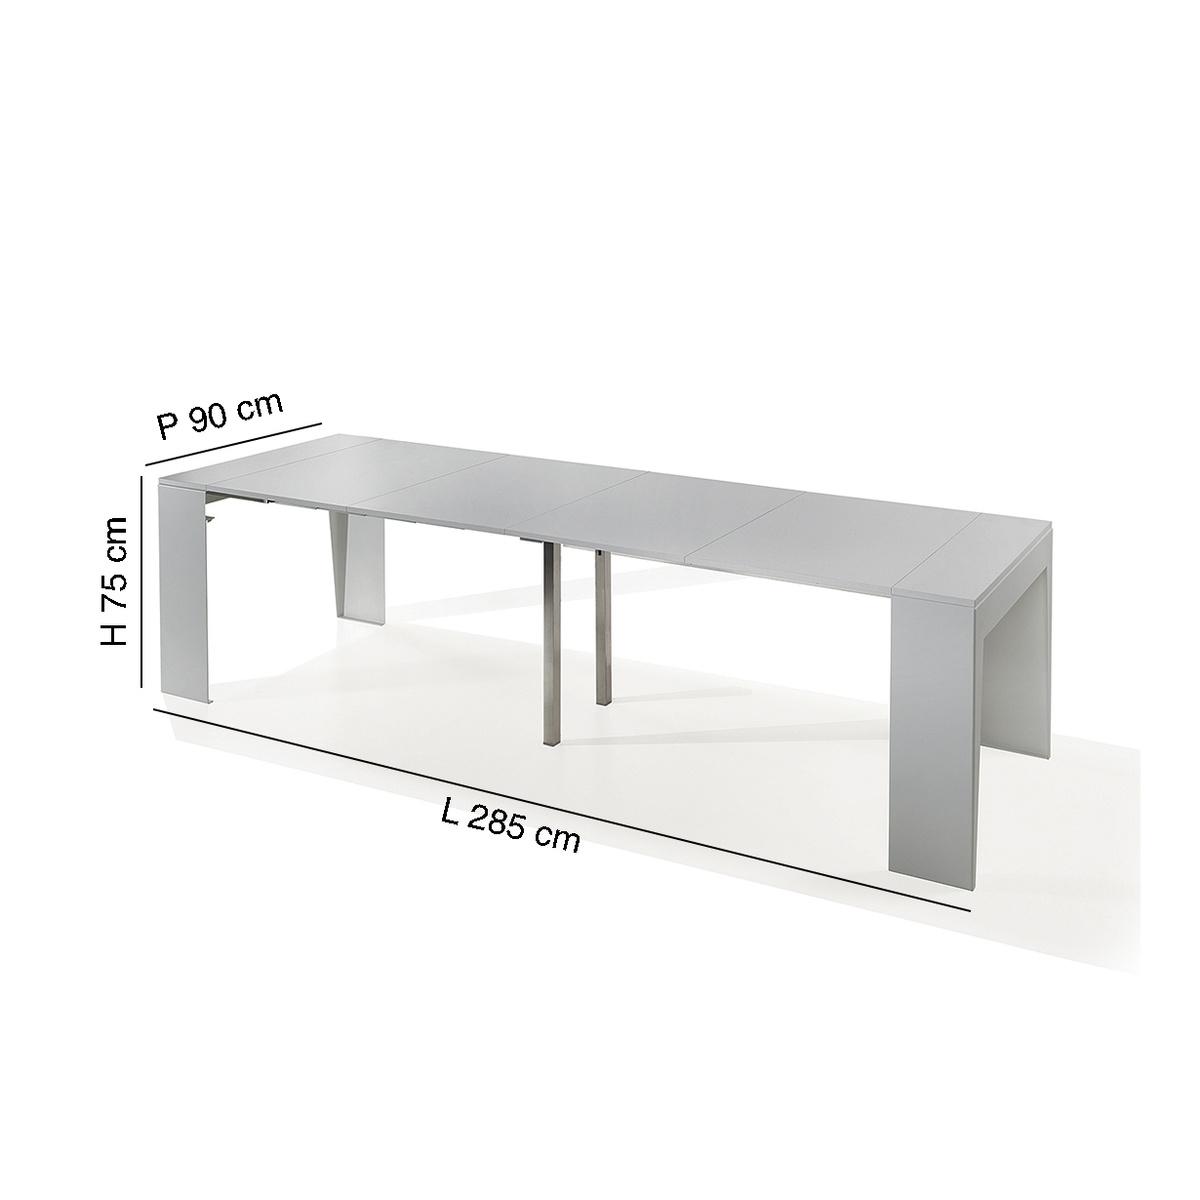 Consolle allungabile marvel con larghezza 90 cm by pezzani for Tavolo consolle 80 cm